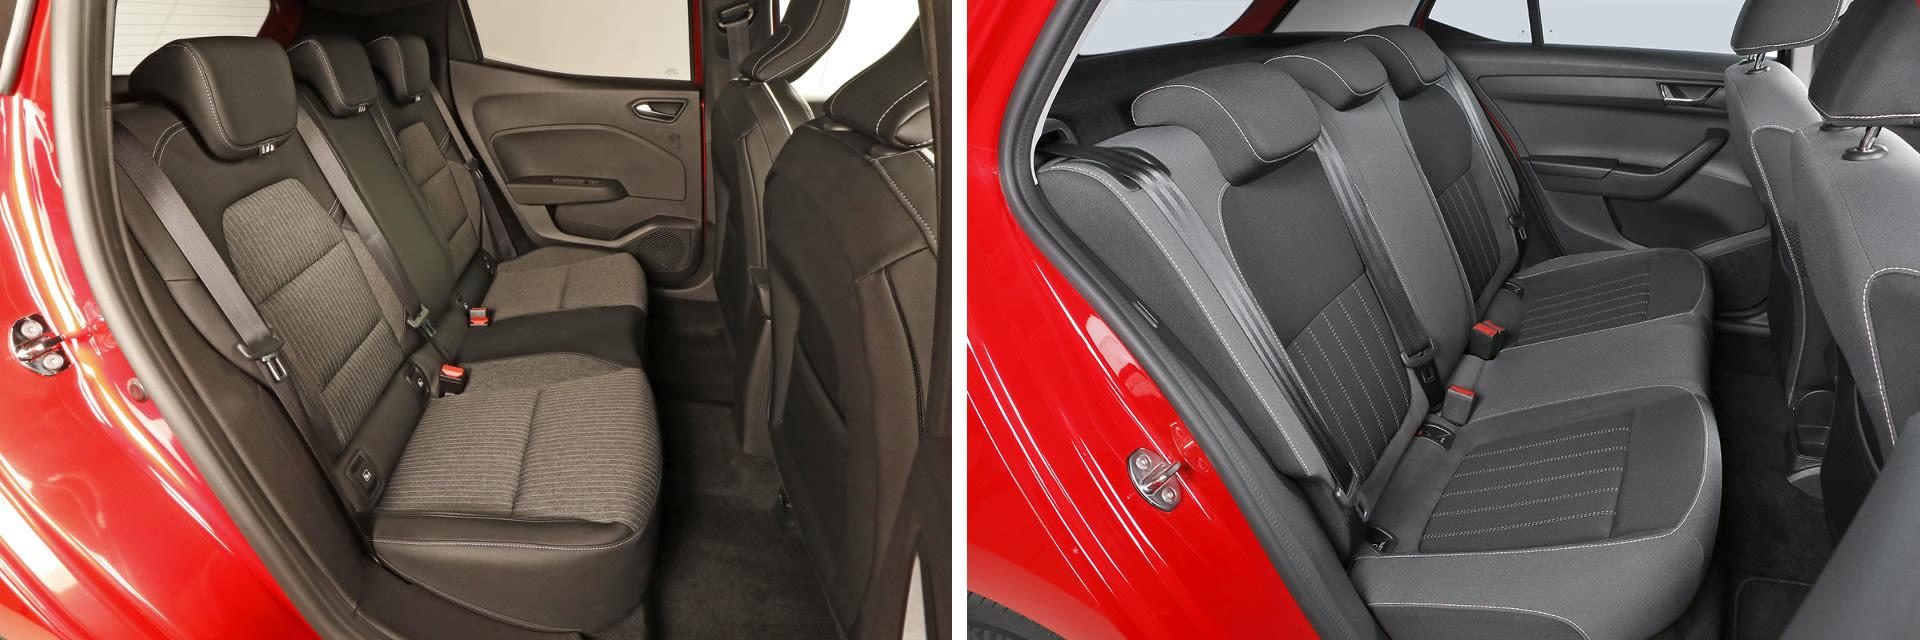 Las plazas traseras del Škoda Fabia (dcha.) tienen más espacio tanto para las piernas como para la cabeza. / km77